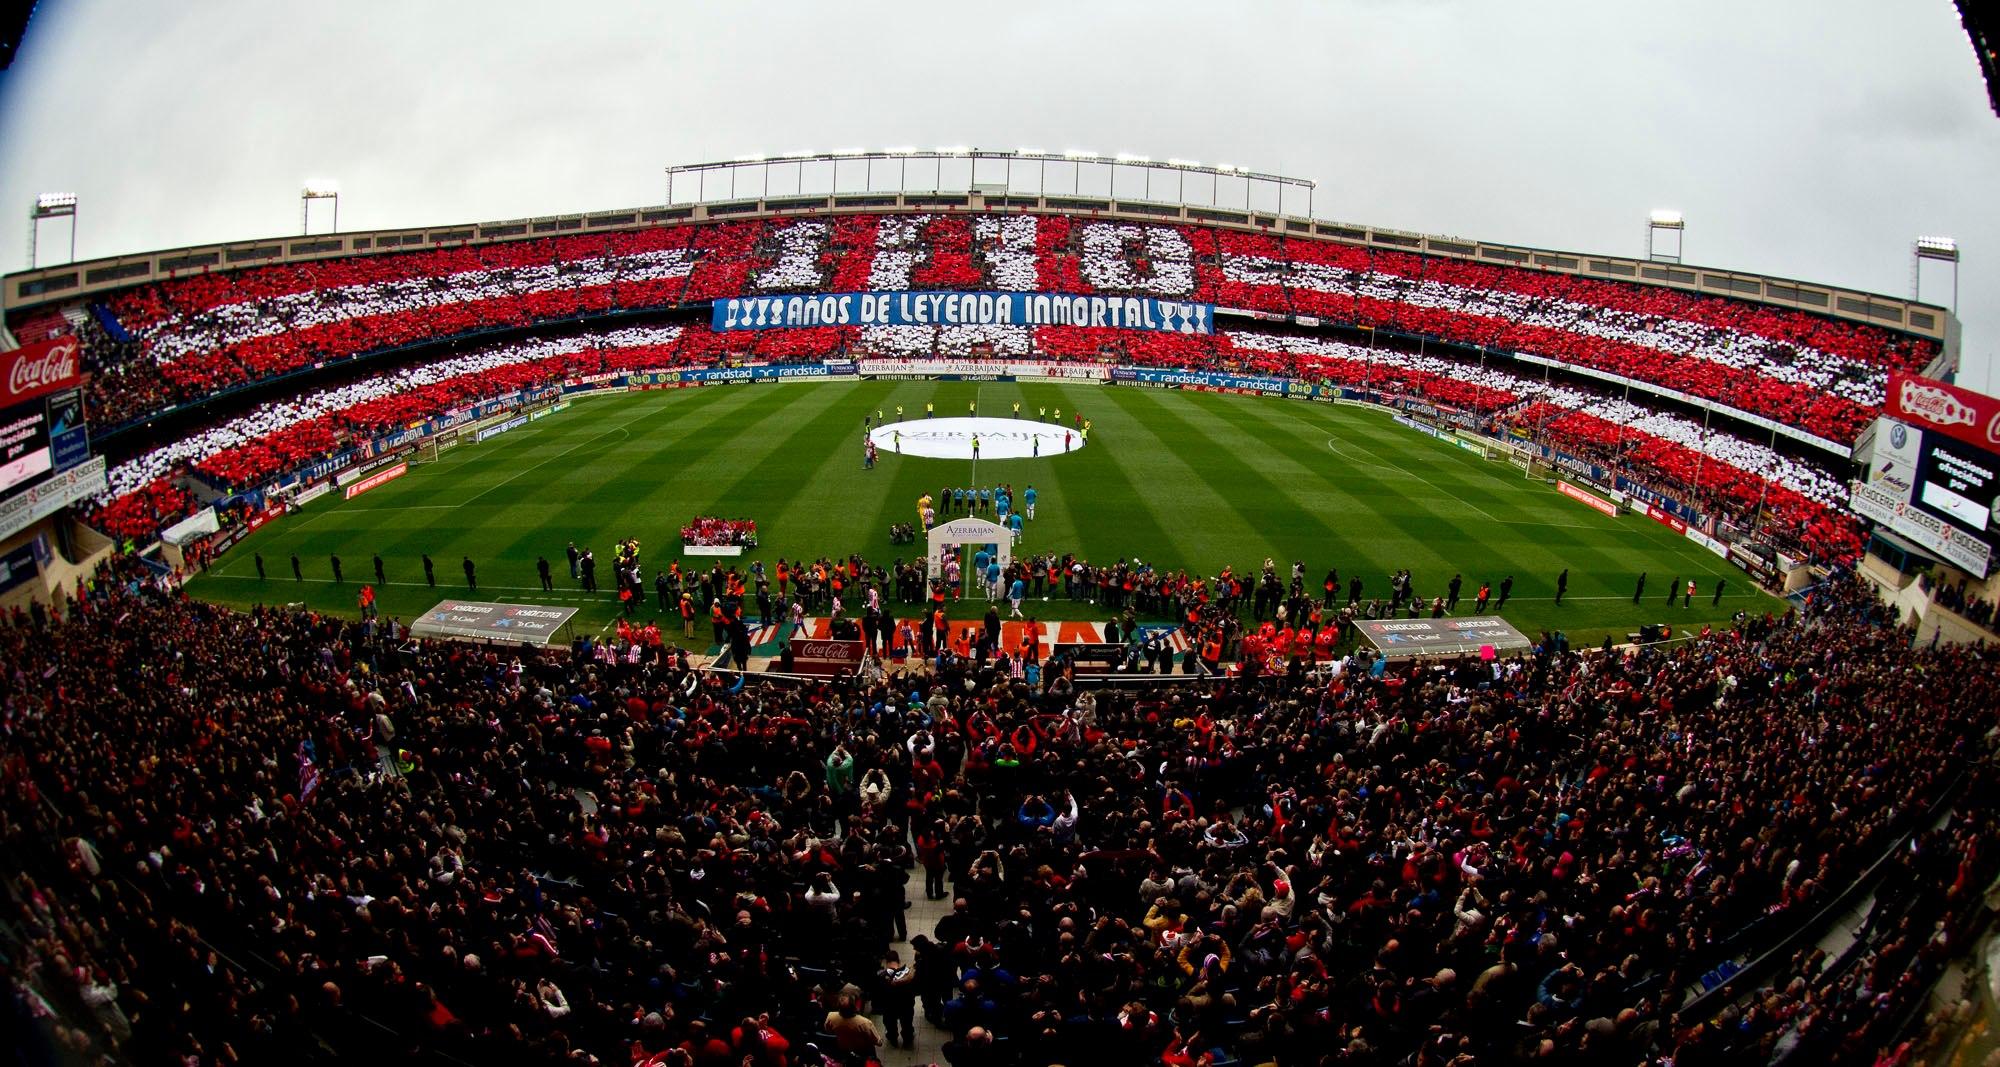 Espectacular tifo de las gradas del Vicente Calderón conmemorando los 110 años de historia colchonera